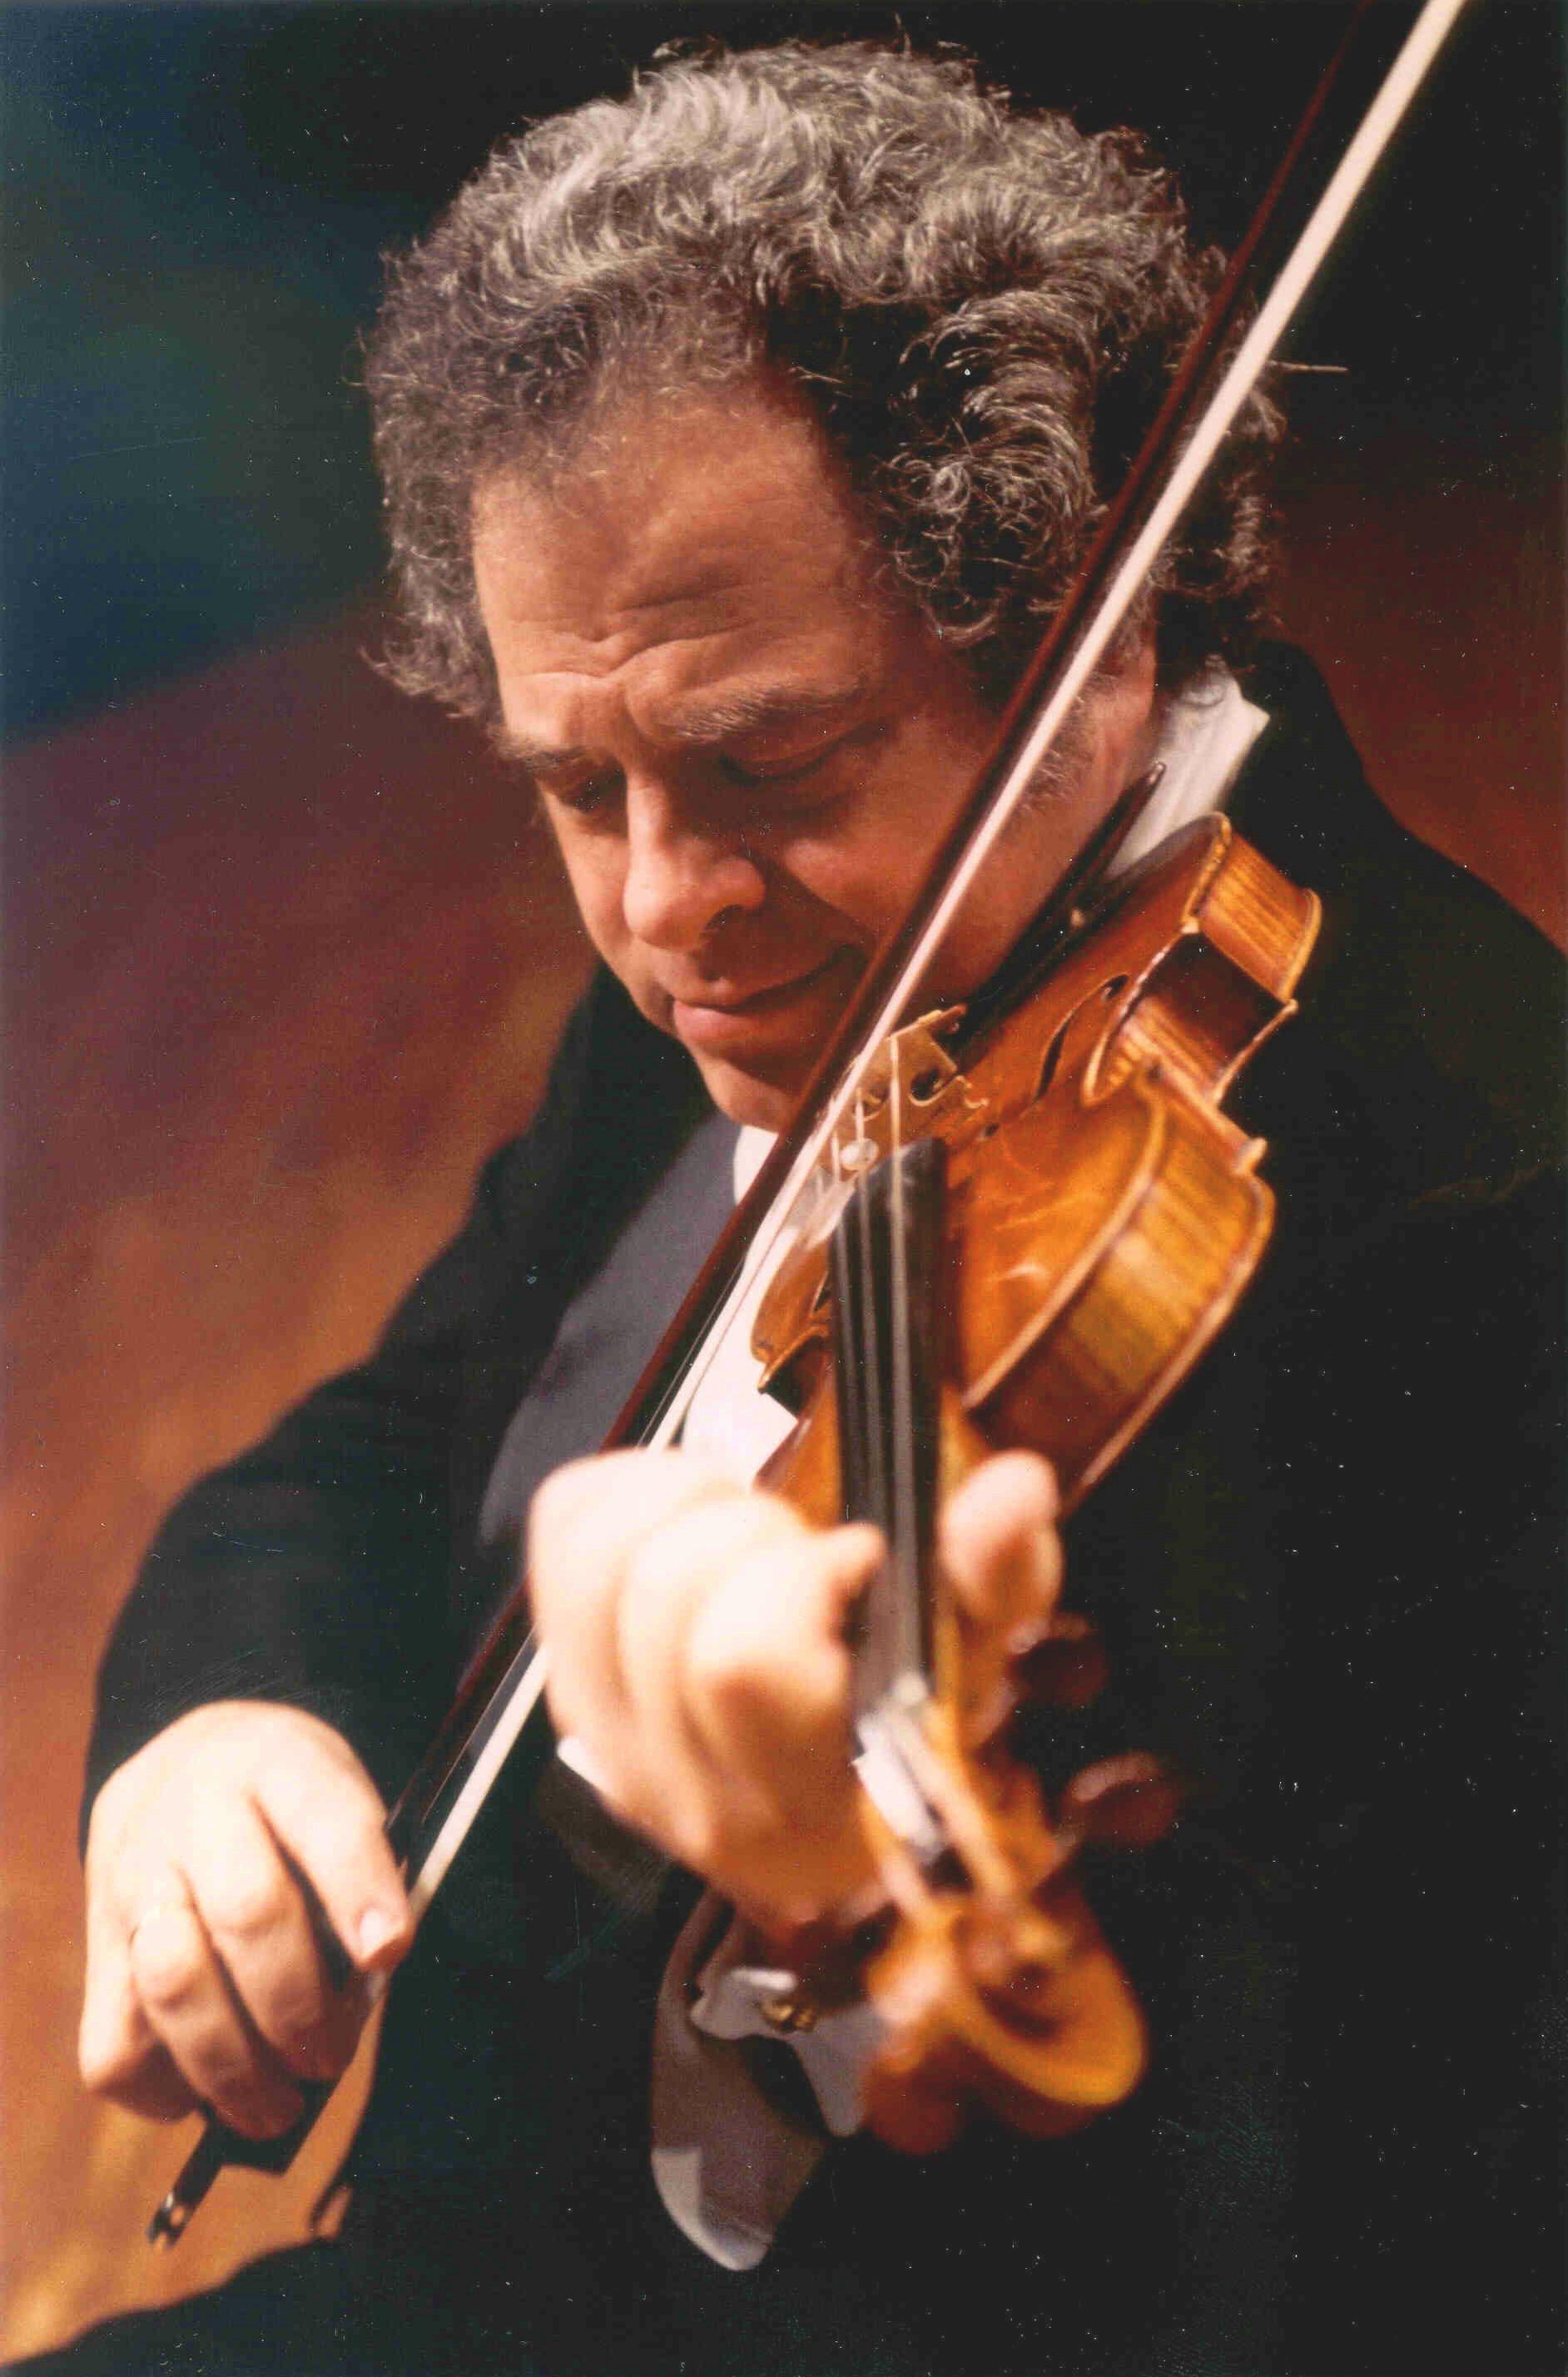 타이스의 명상곡/모리스 앙드레,틀럼펫/이작 펄먼, 바이올린